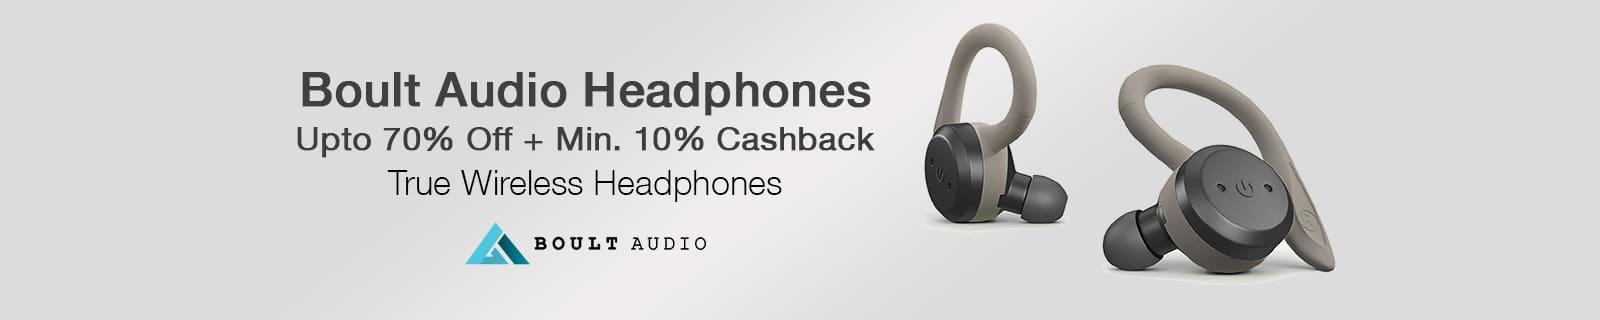 Boult Audio Headphone